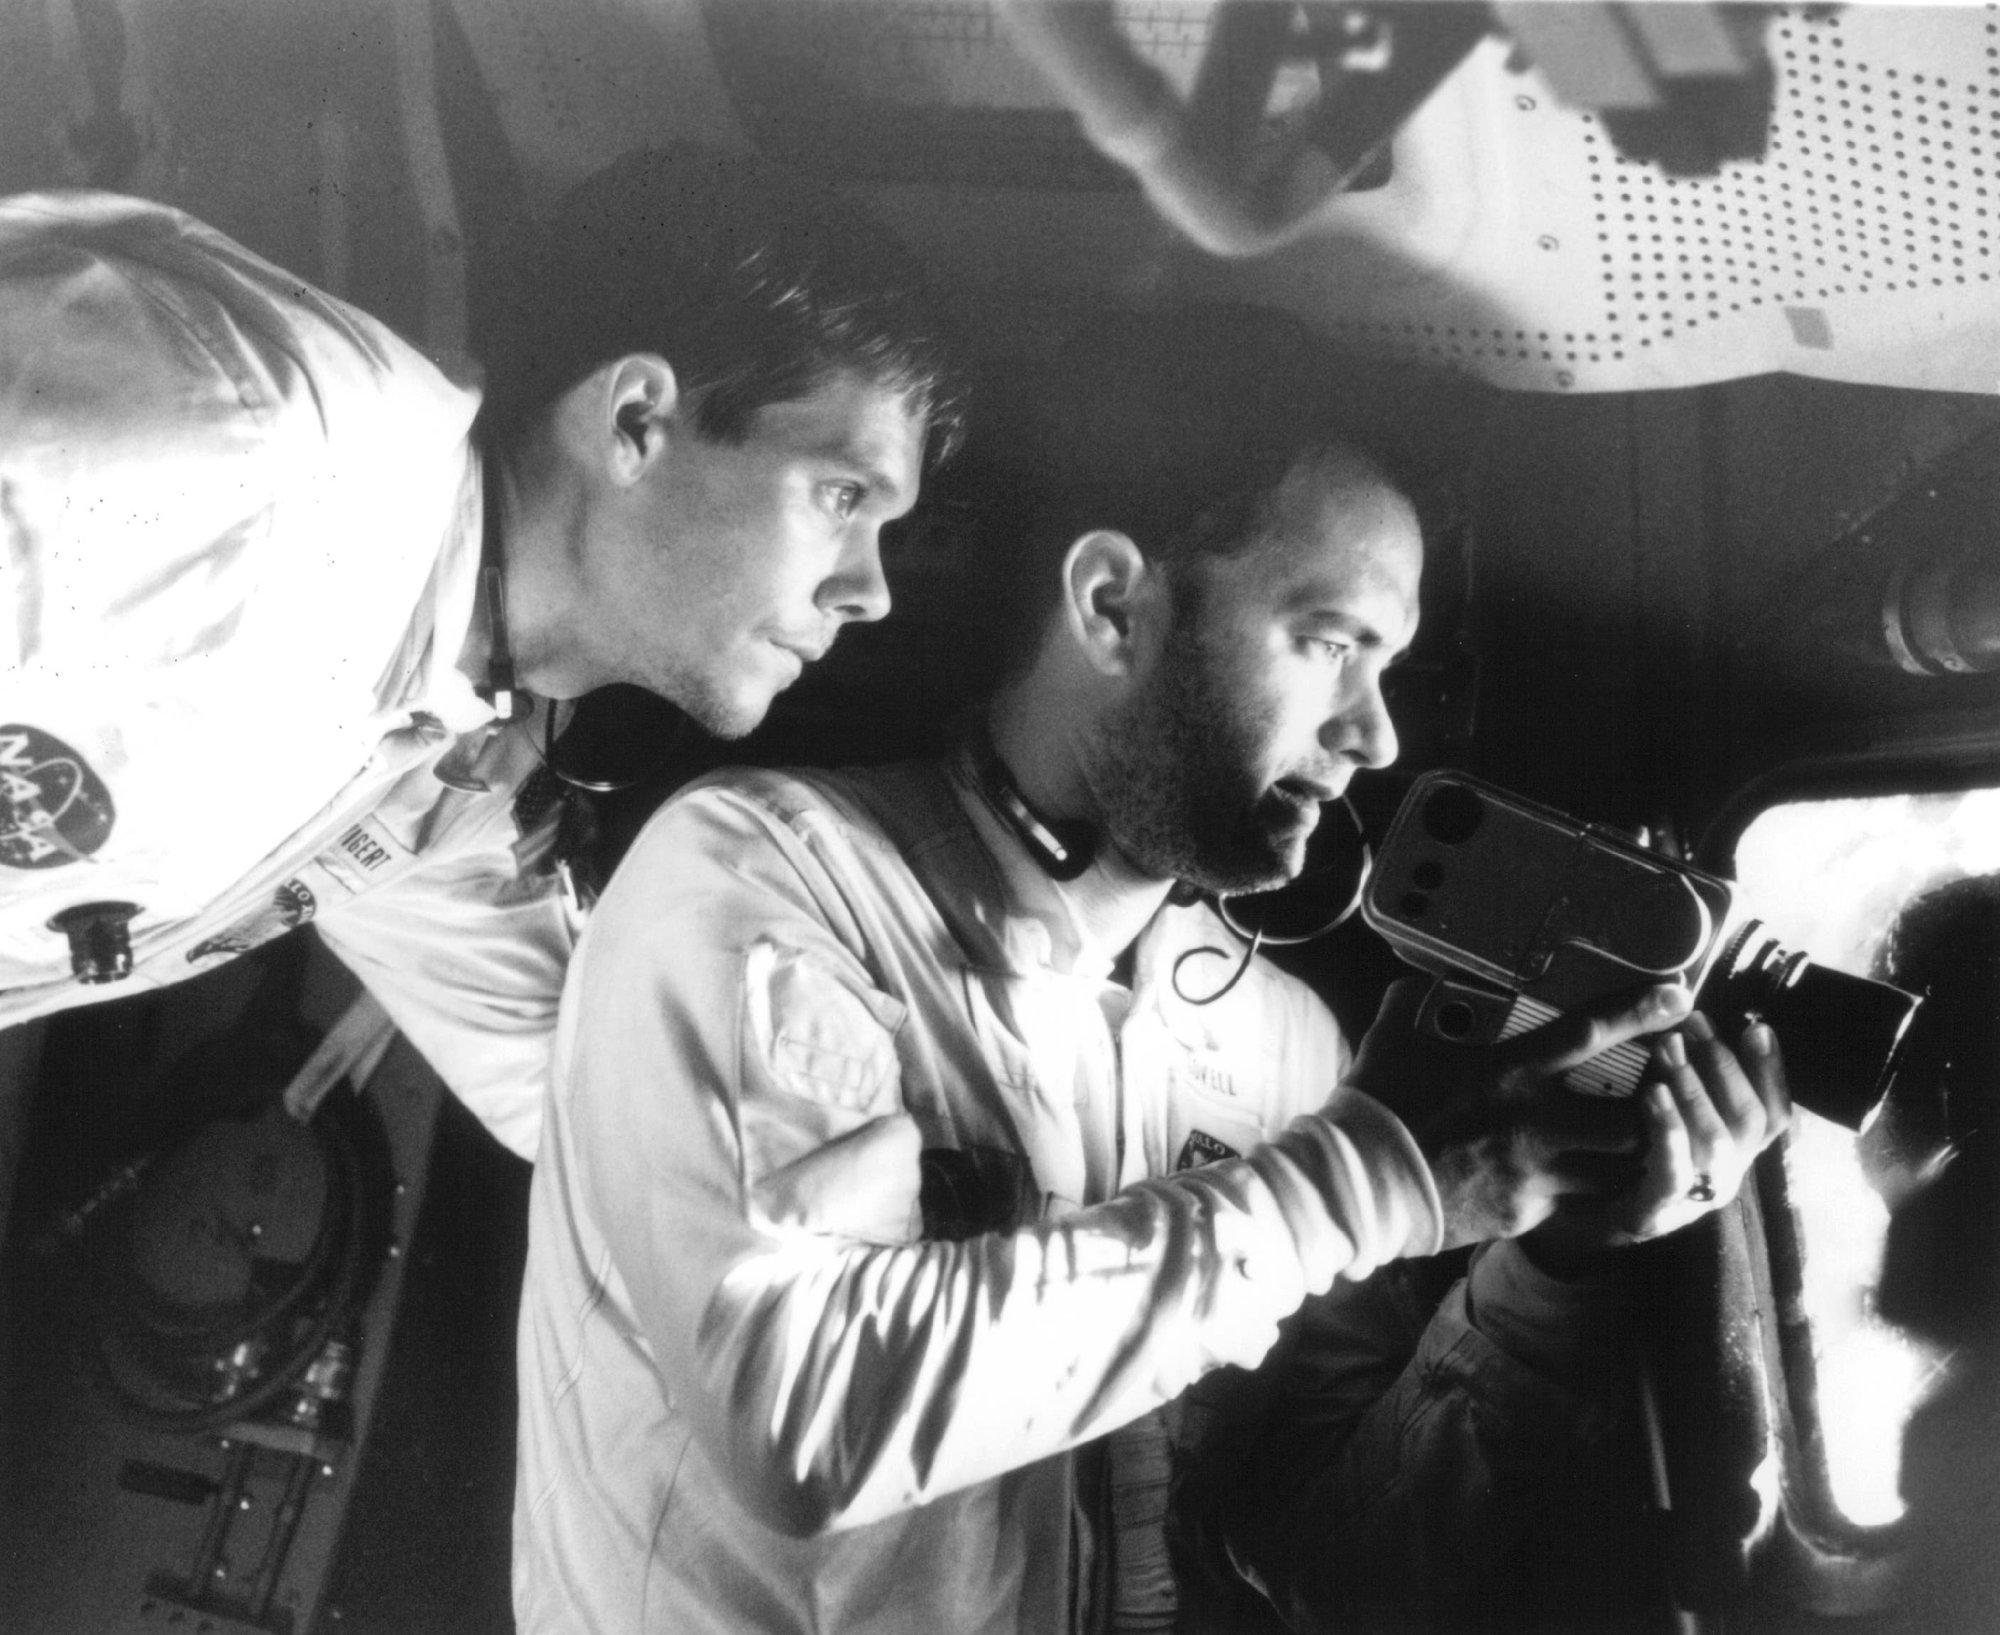 Emily Ann Lloyd Apollo 13 Apollo 13 movie download in hdEmily Ann Lloyd Apollo 13